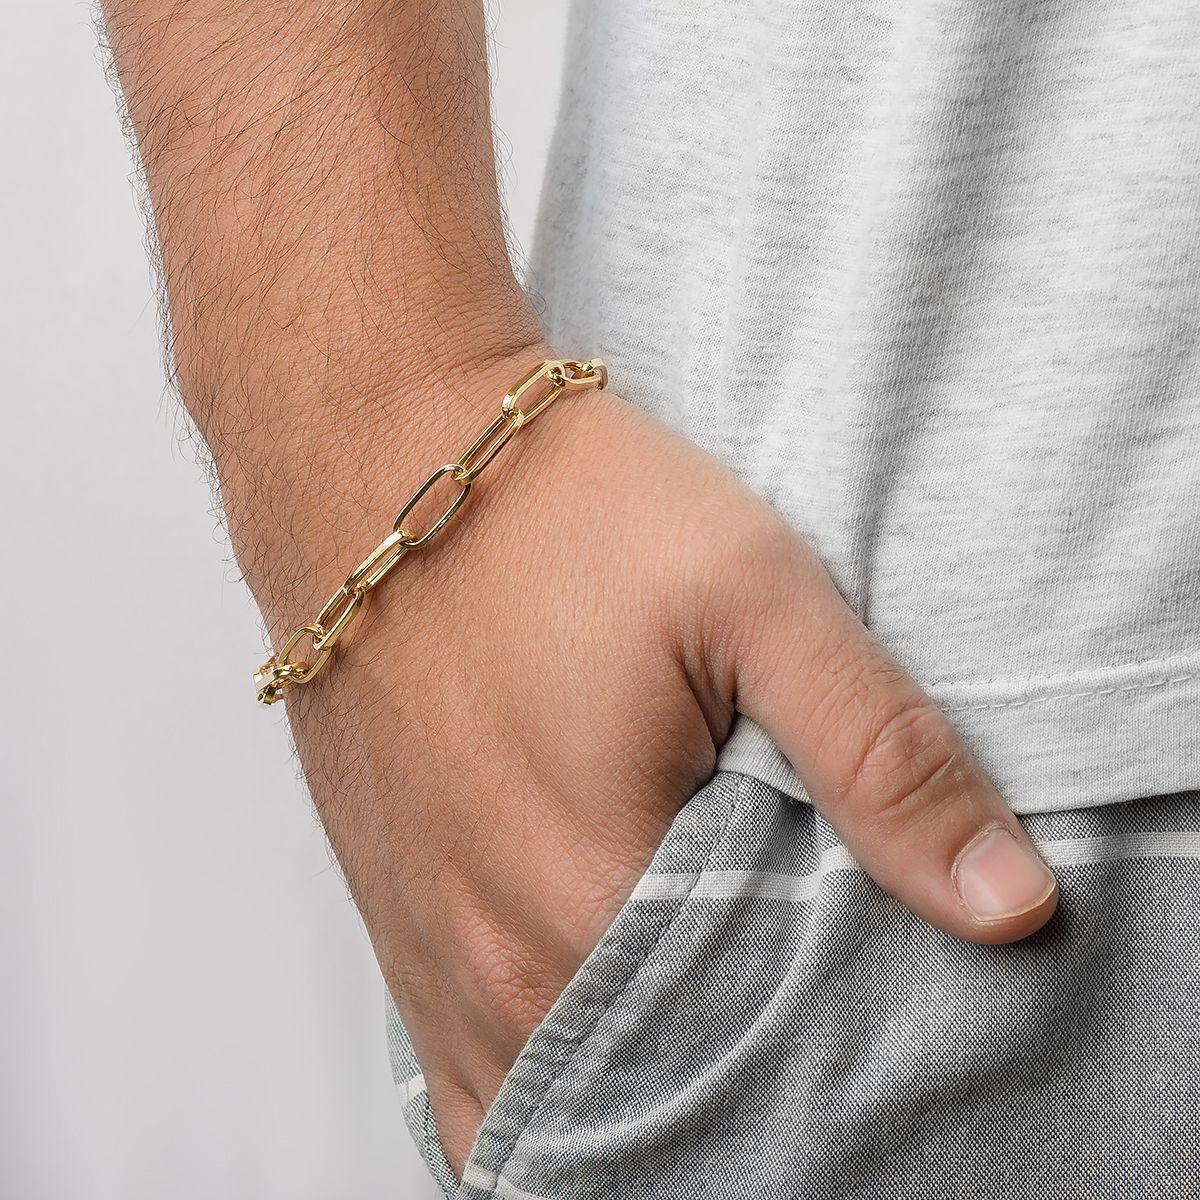 6837005b75486 Pulseira Masculina em Ouro 18k Malha Cartier Alongada com 21cm pu03435 -  Joiasgold Produto não disponível